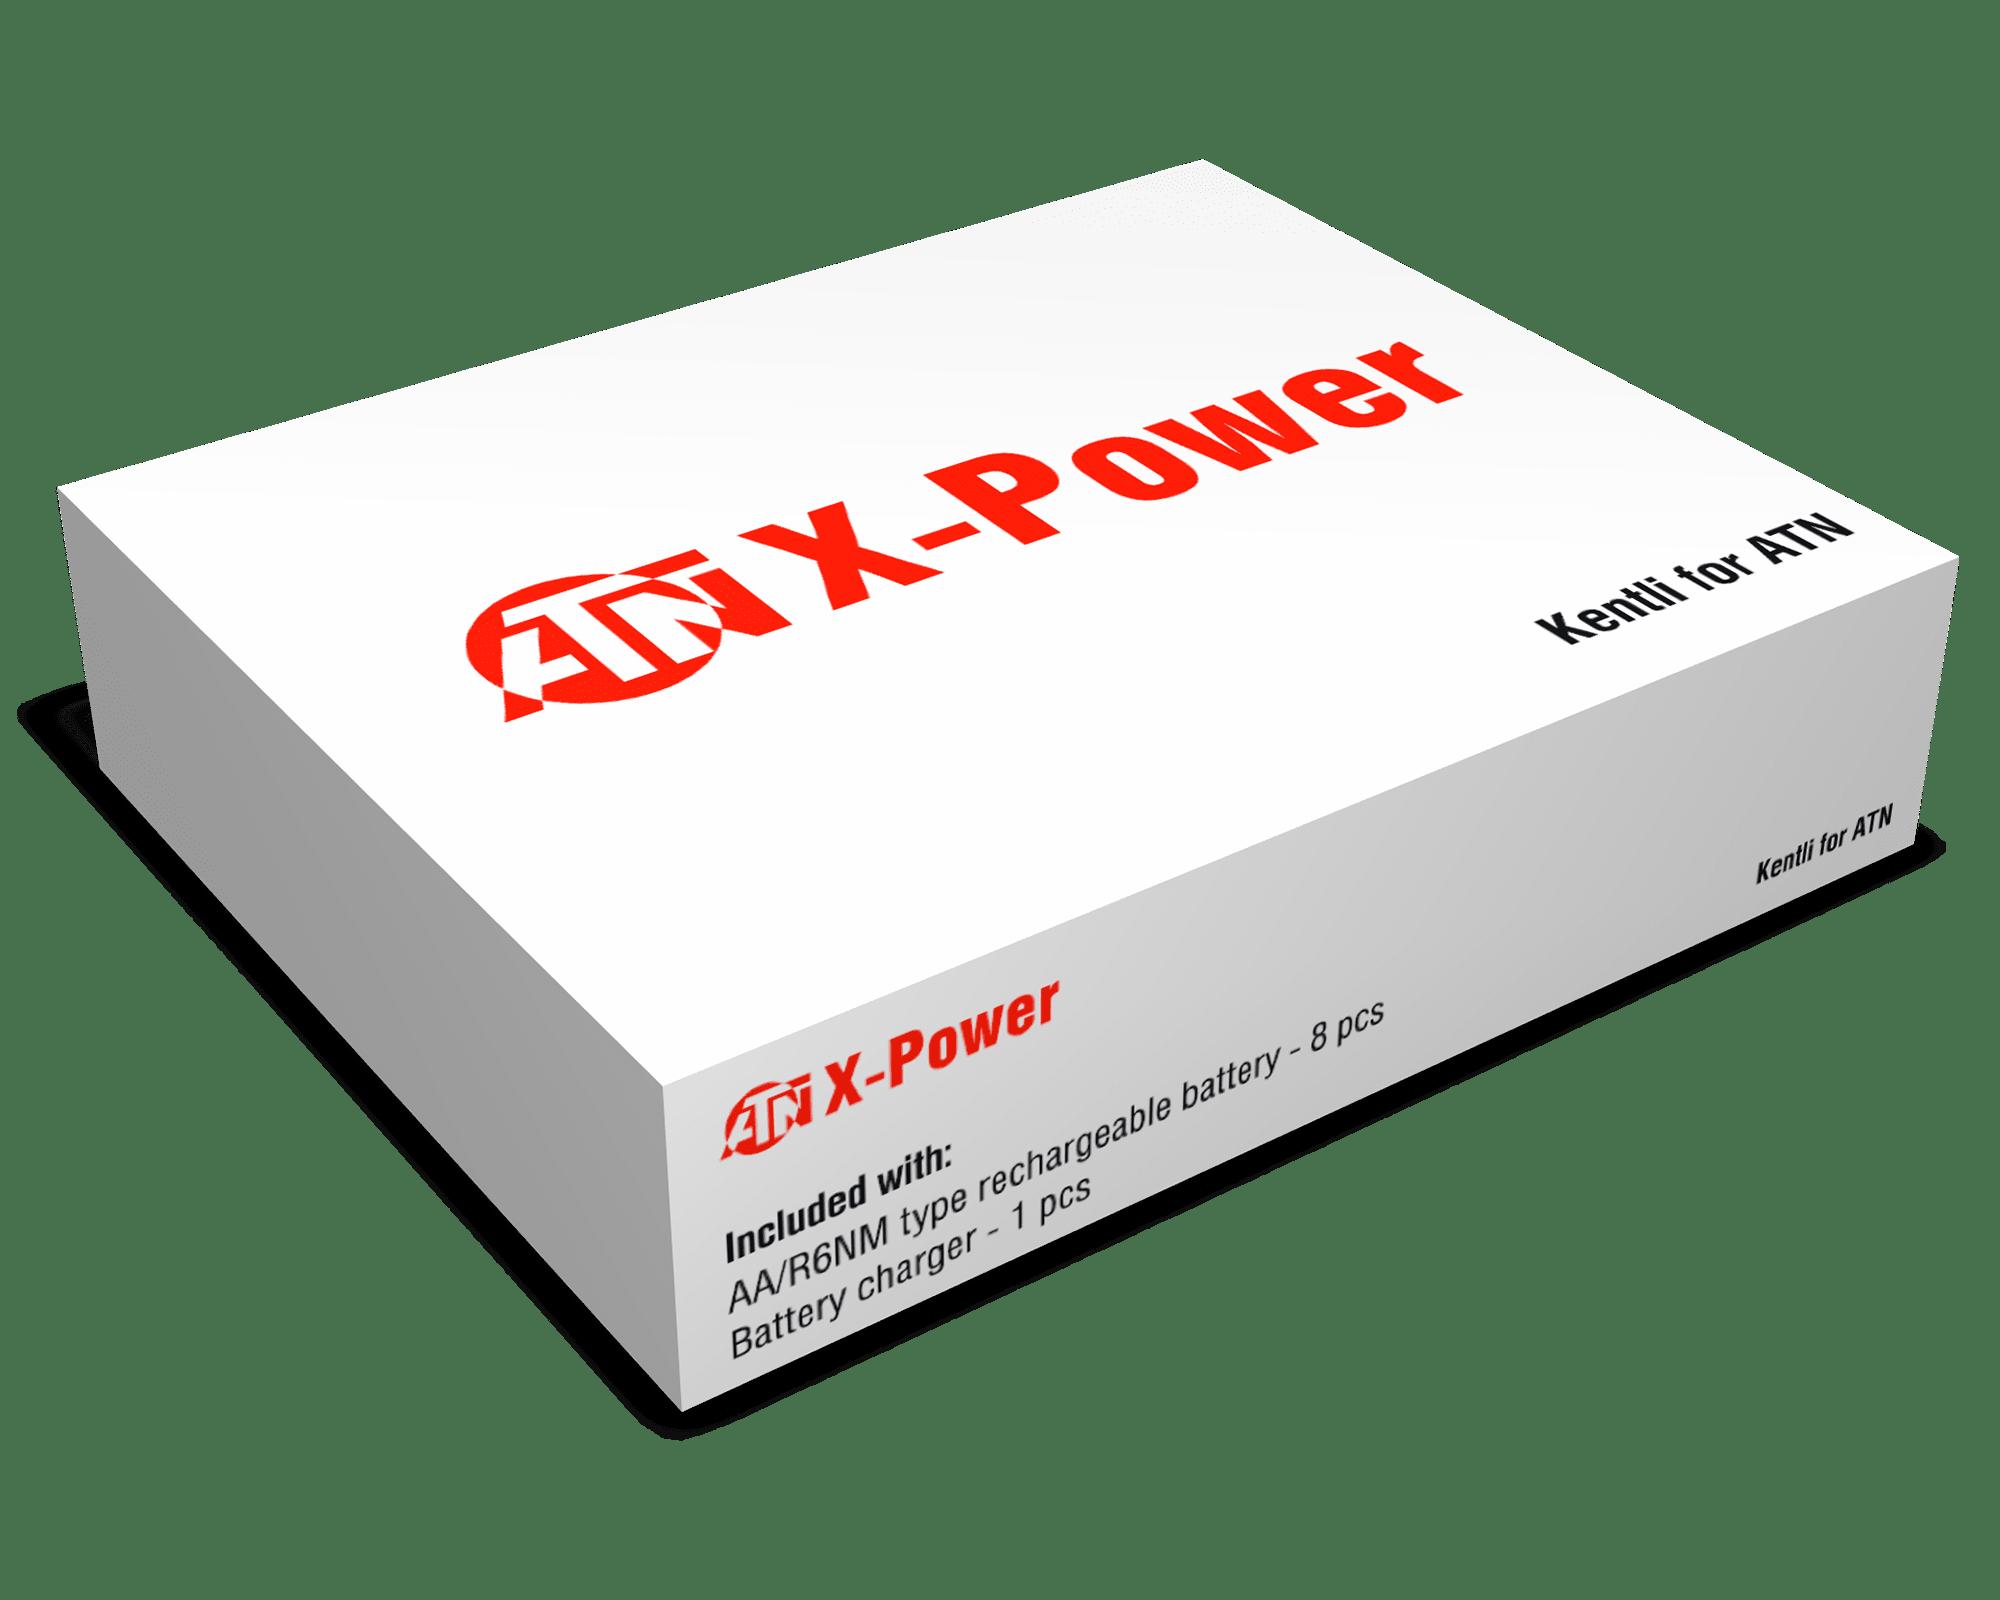 ATN Rechargeble Battery Kentli USB Charger